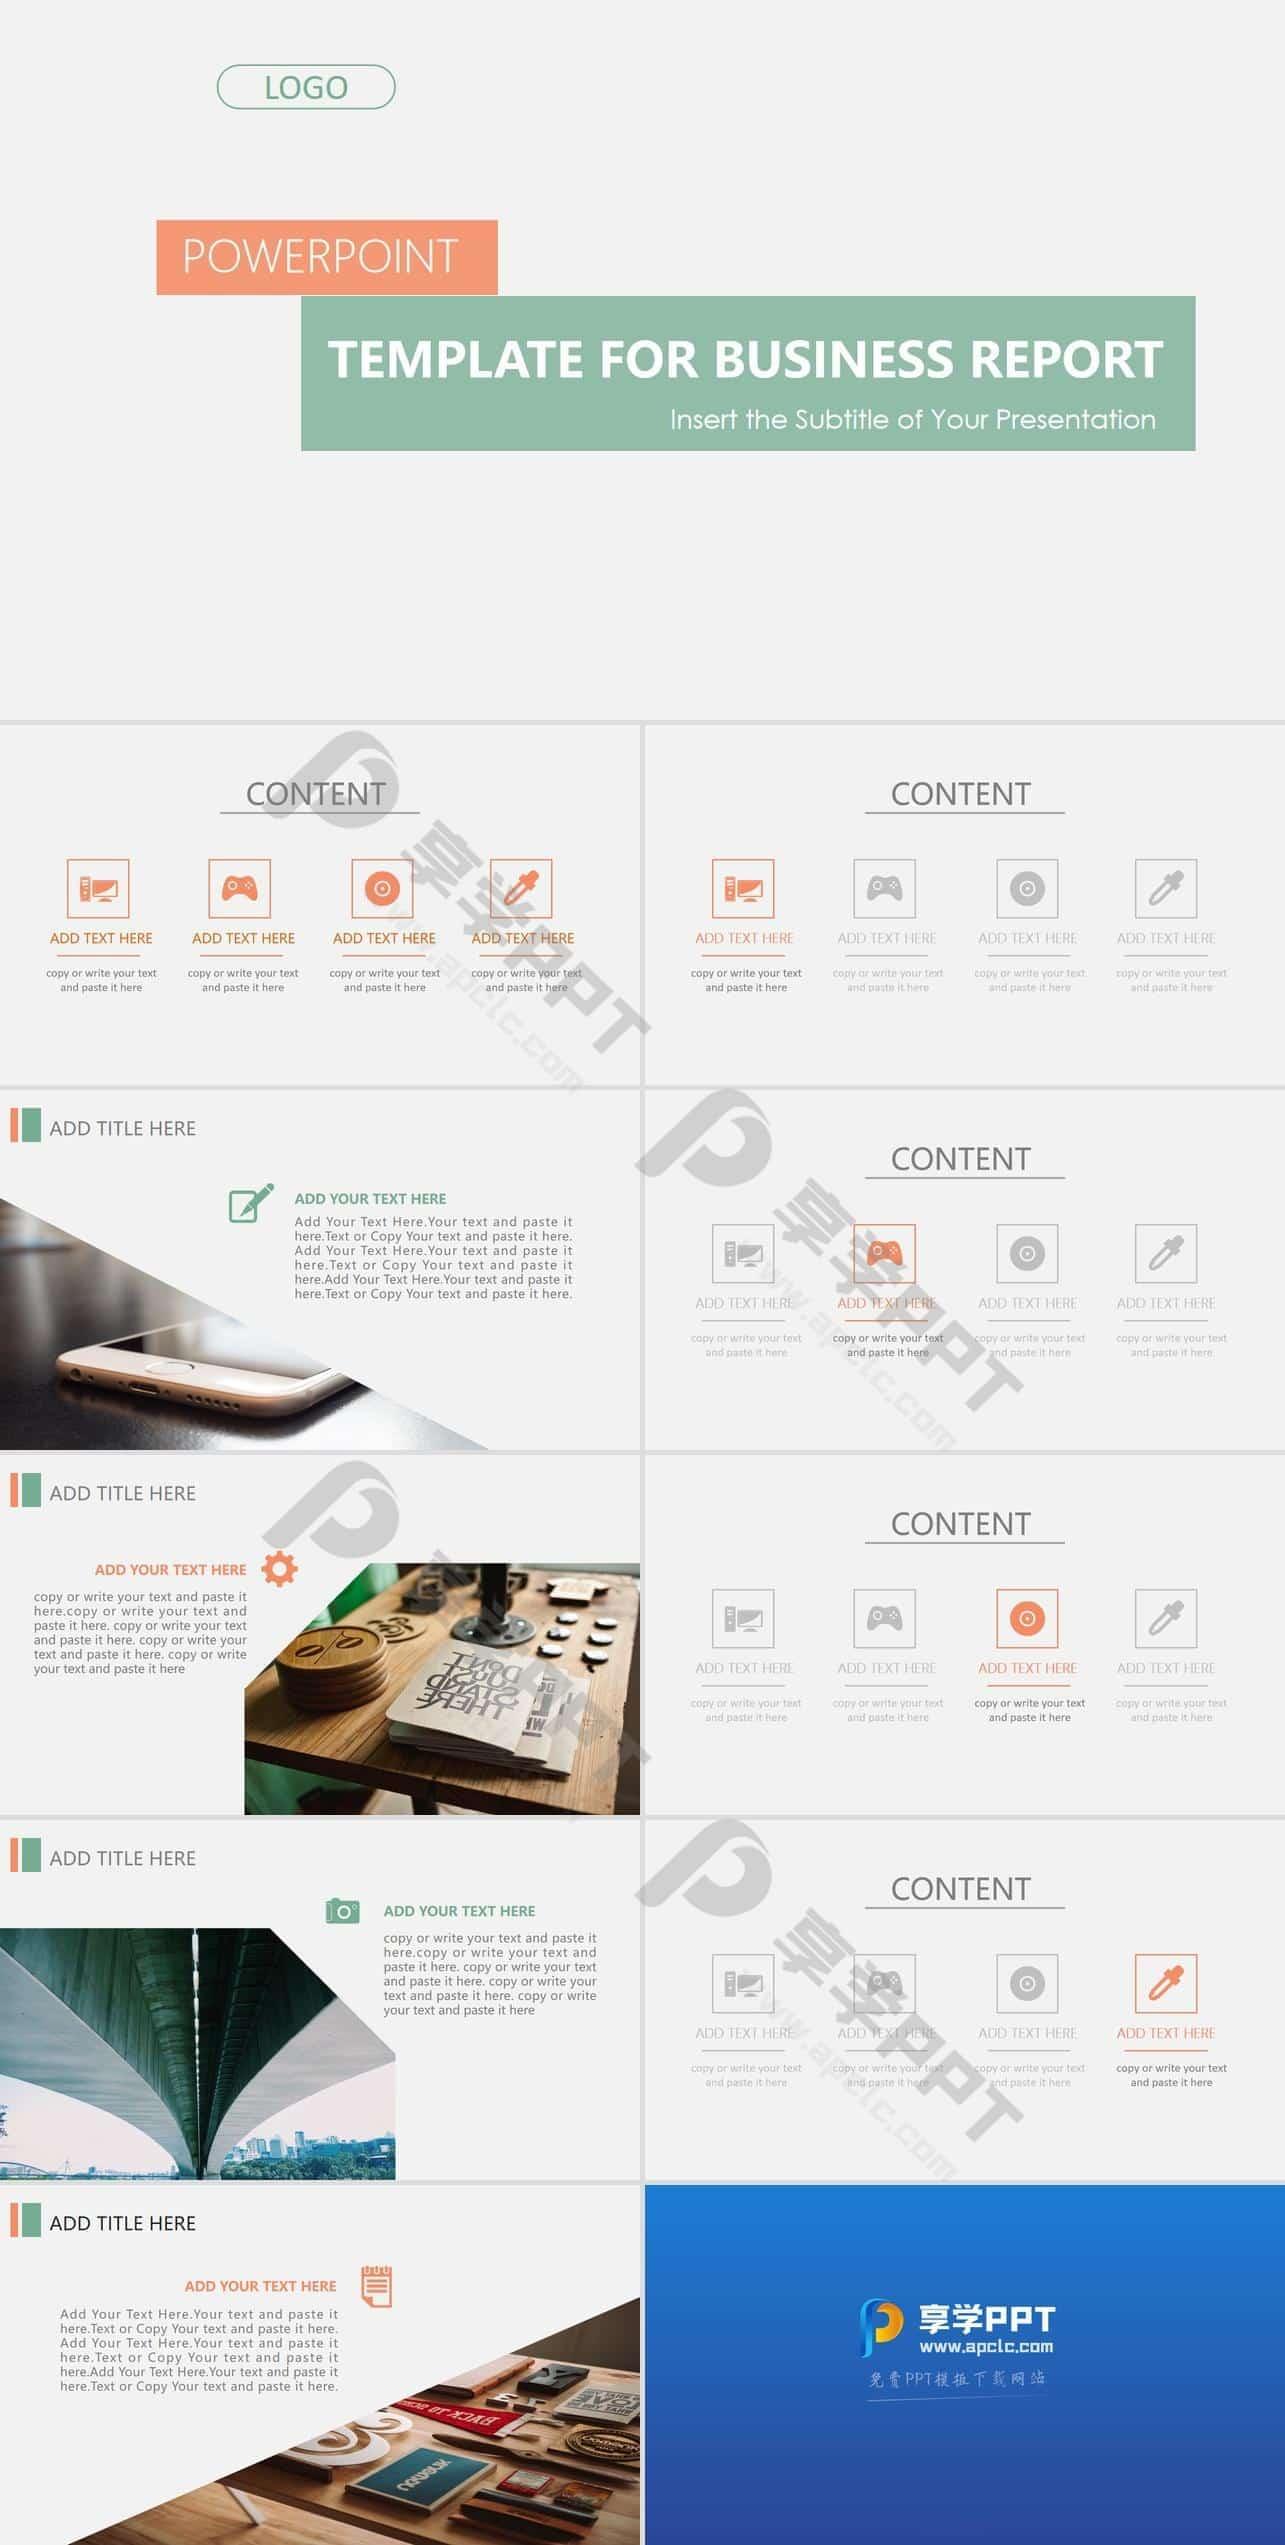 简单业务报告PowerPoint模板长图